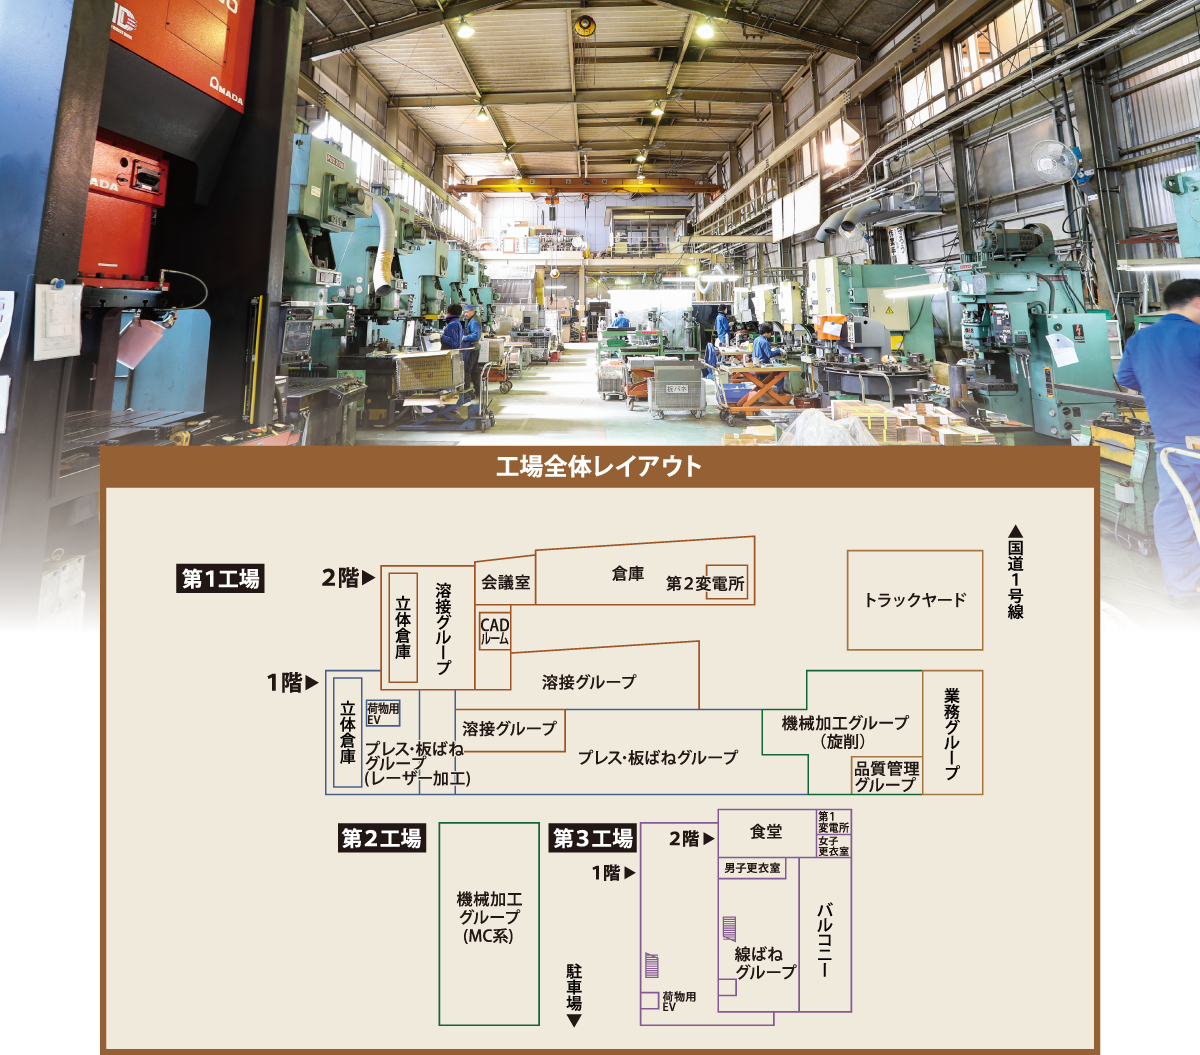 工場全体(第1工場、第2工場、第3工場) レイアウト図&写真